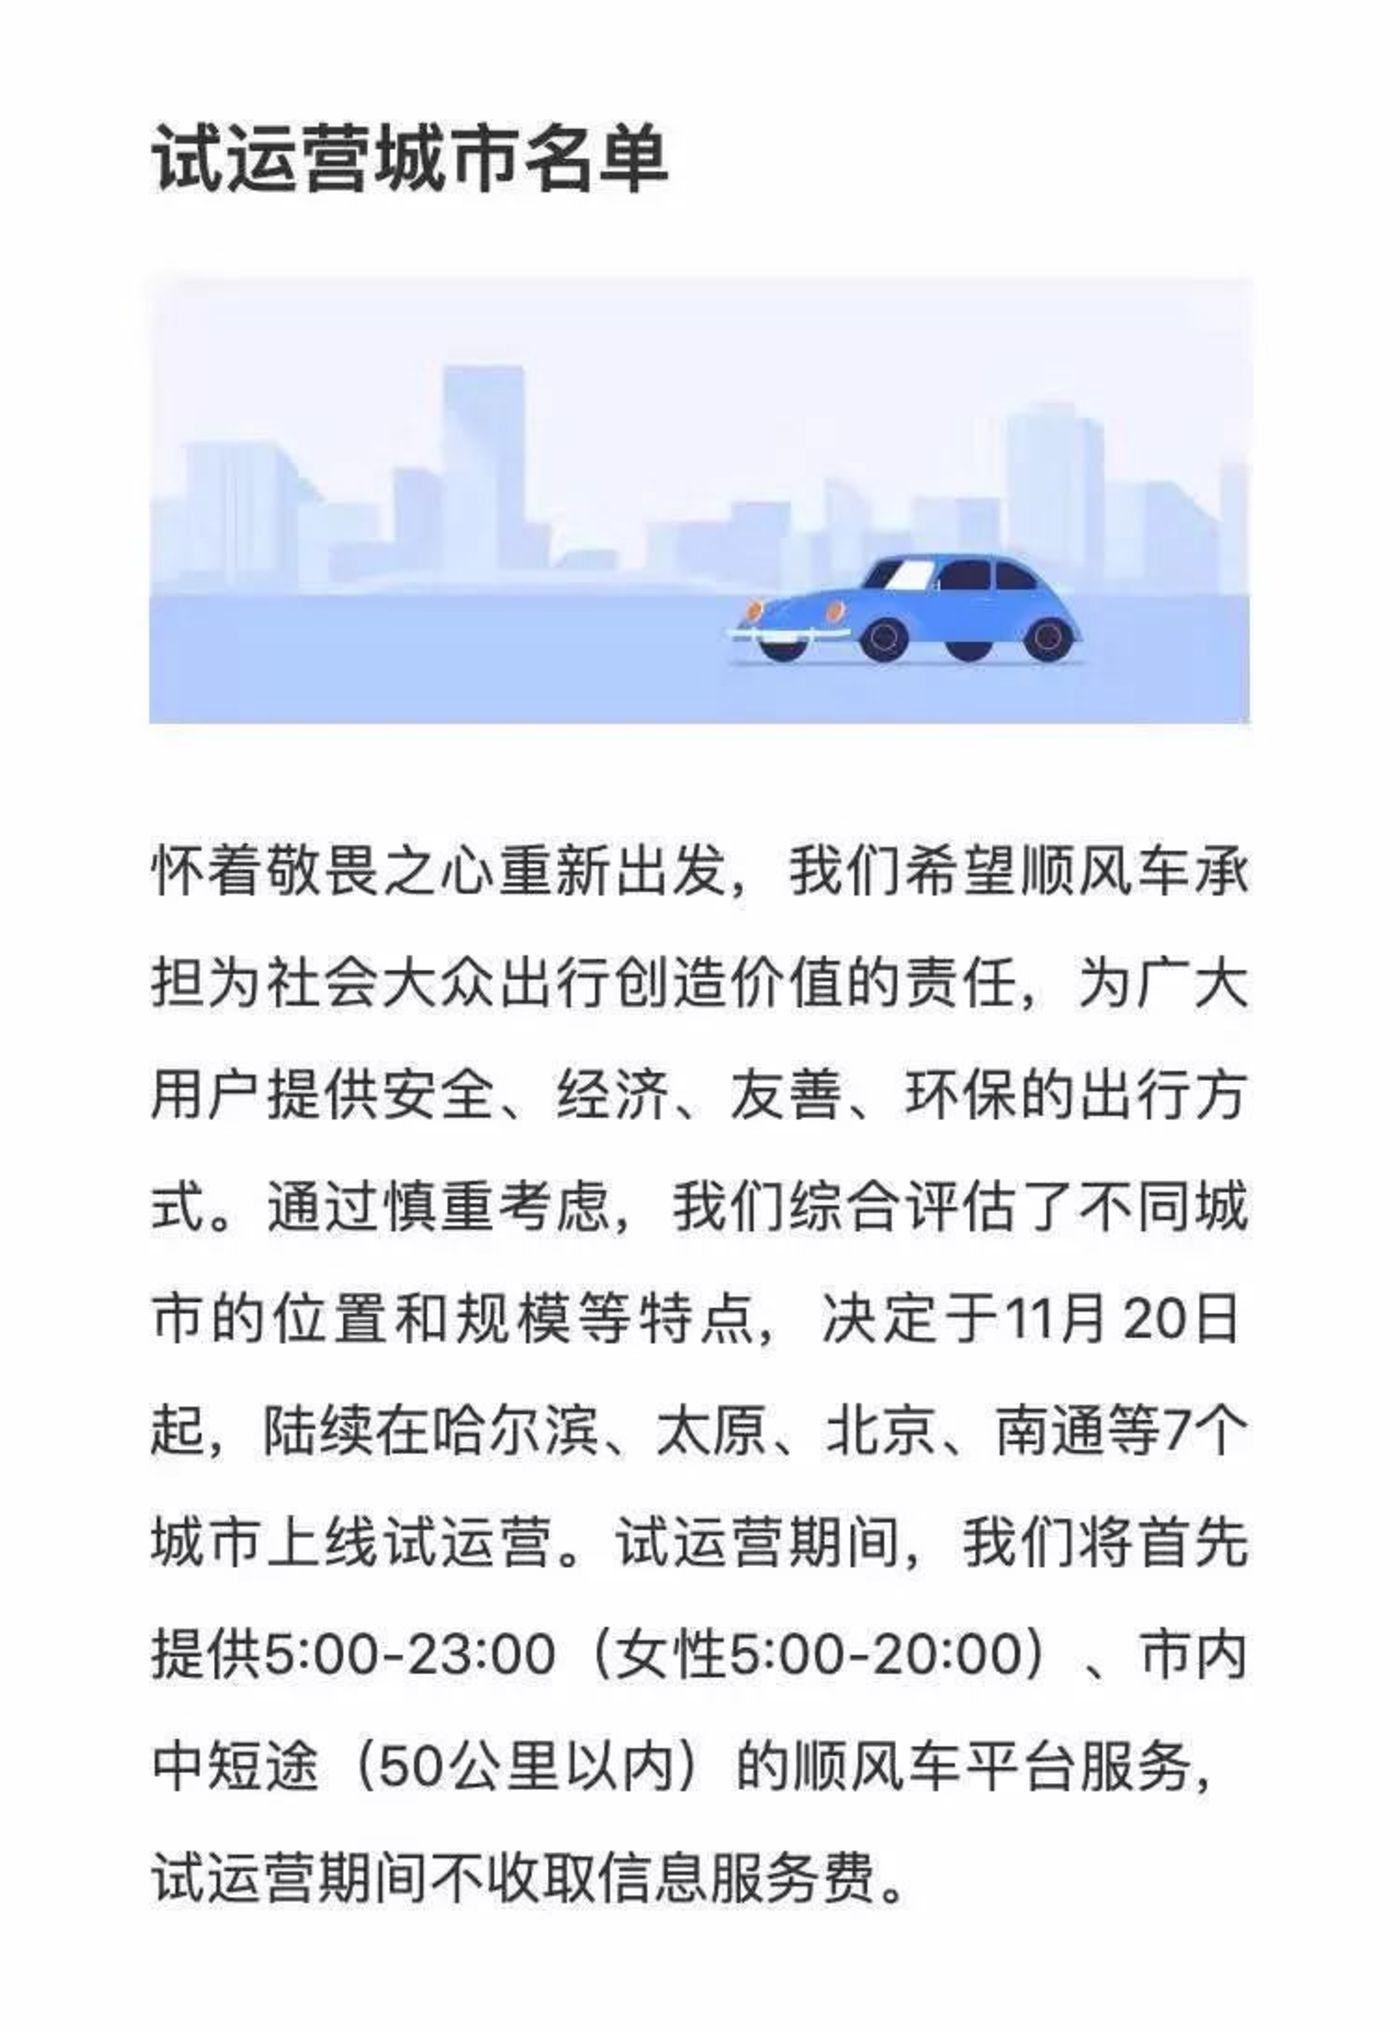 图源@滴滴顺风车官方微博